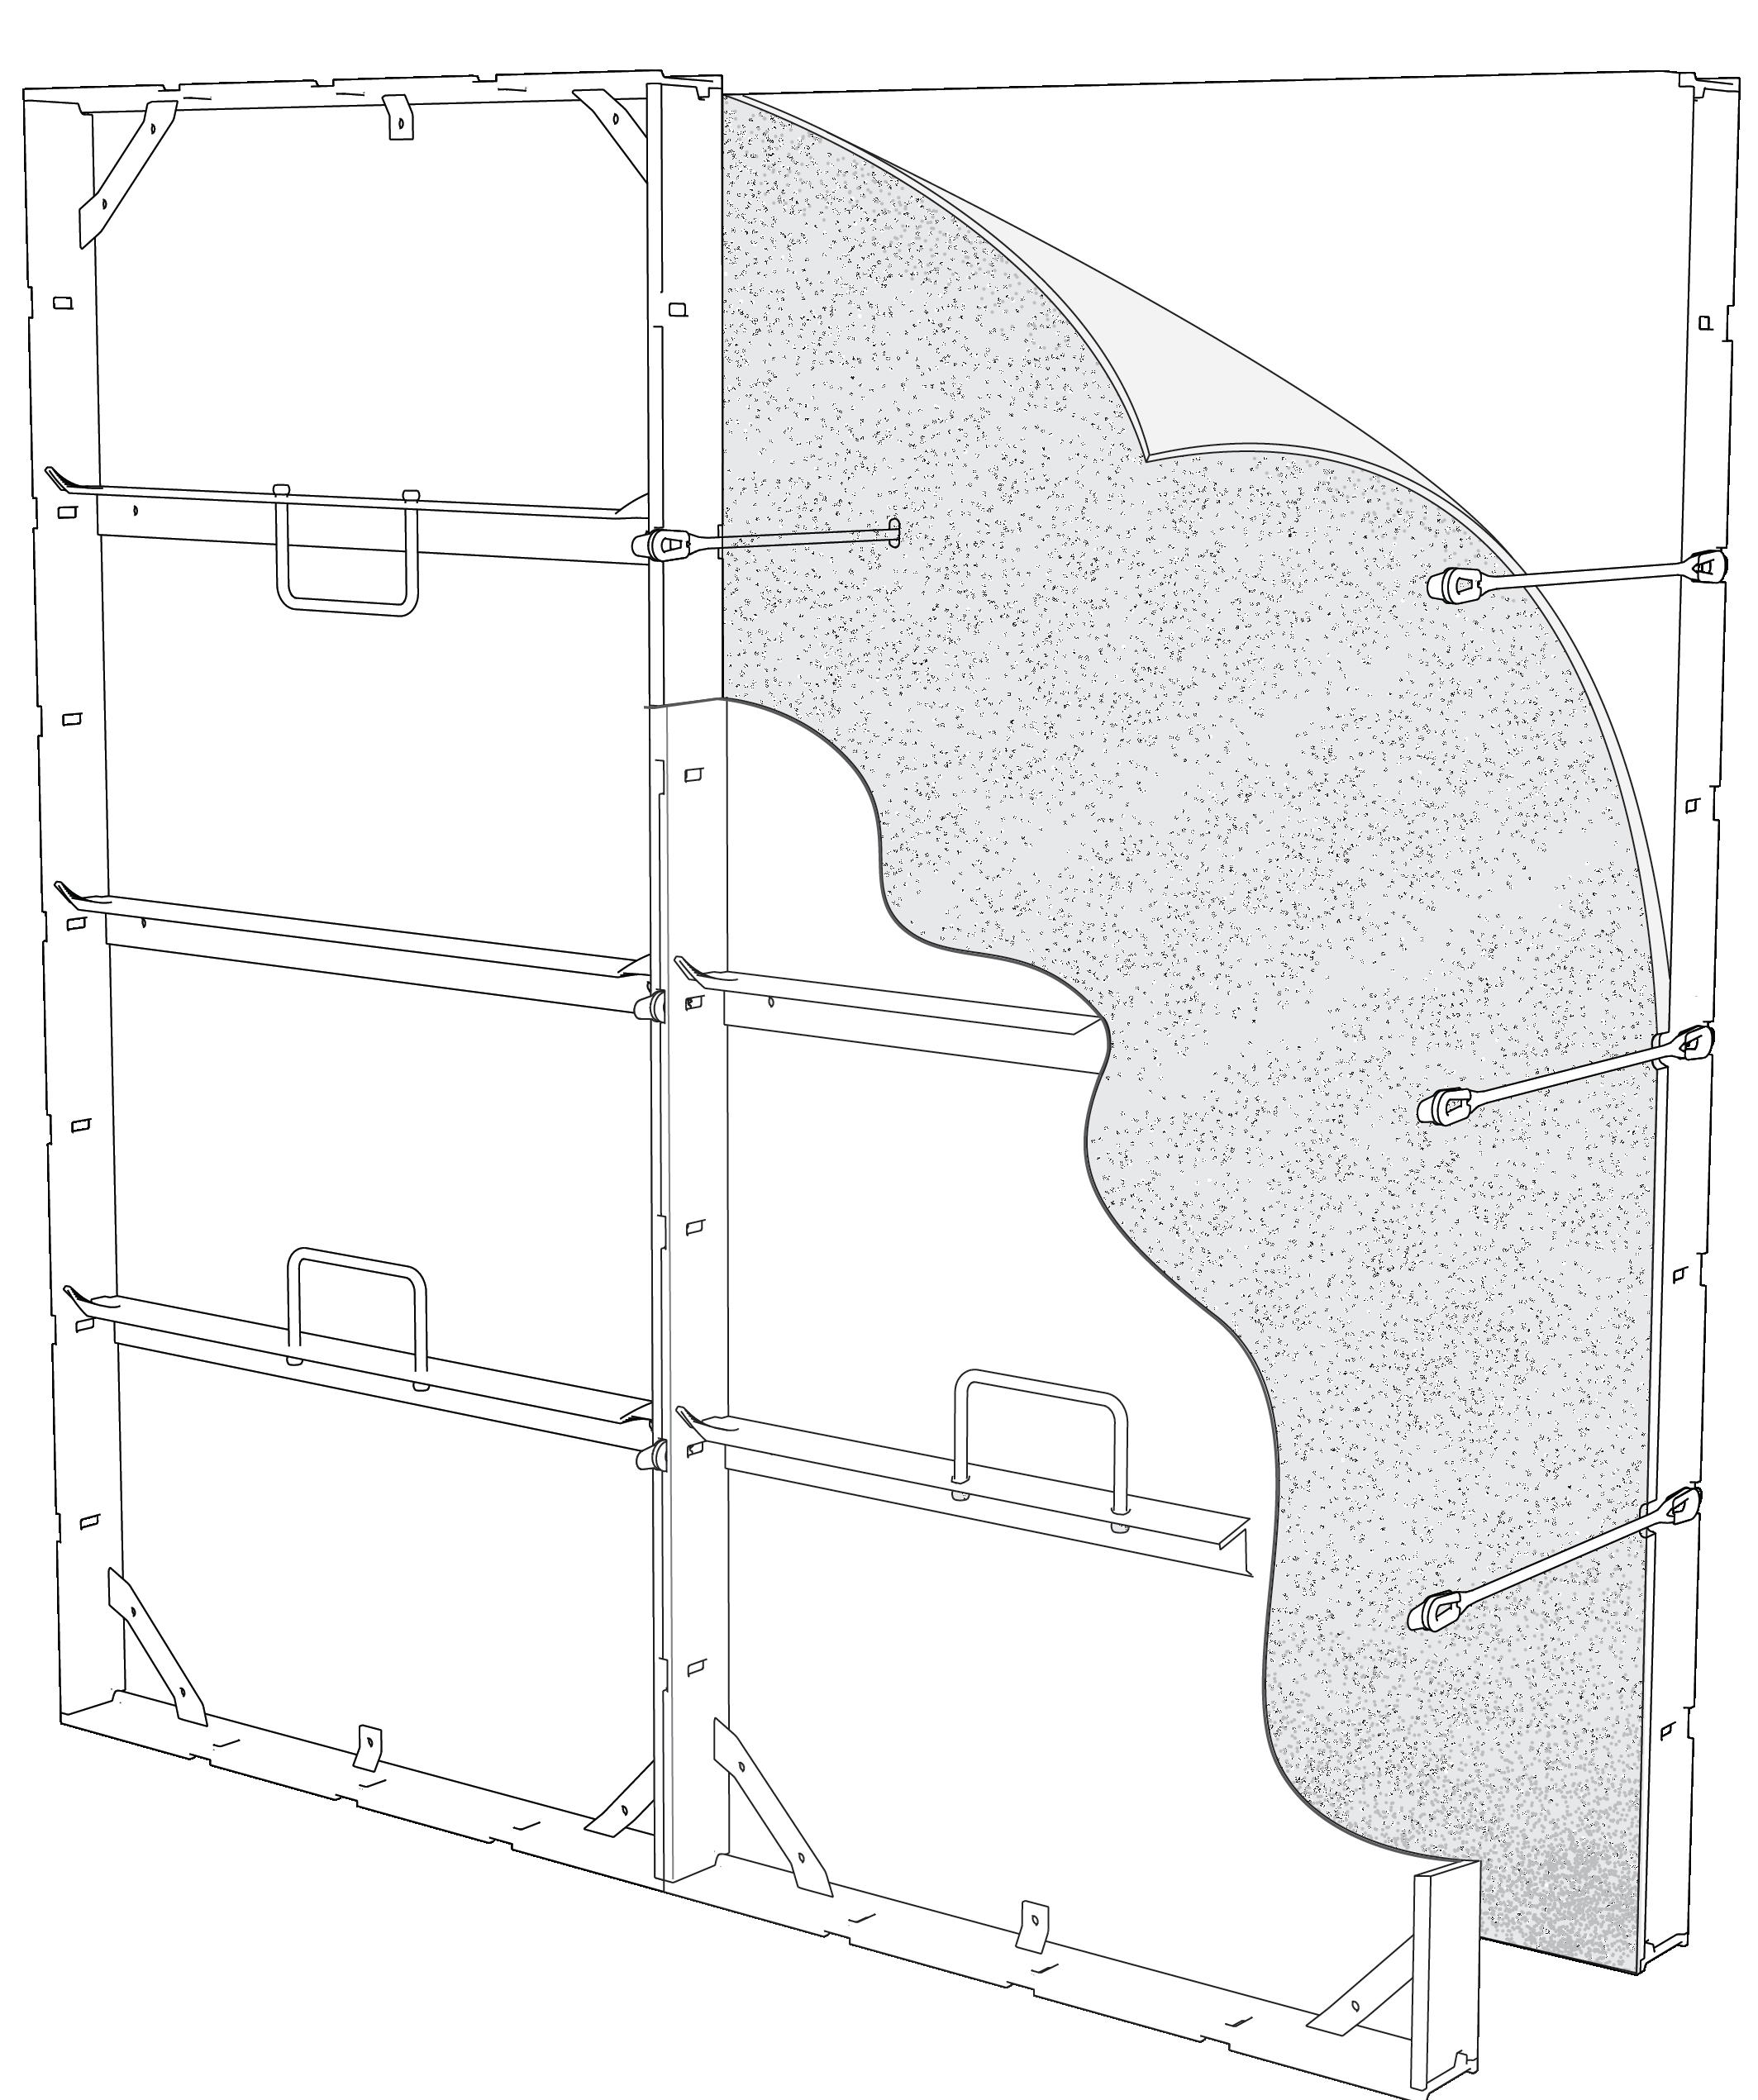 Form Liner FPL Illustration-01-01-01.png